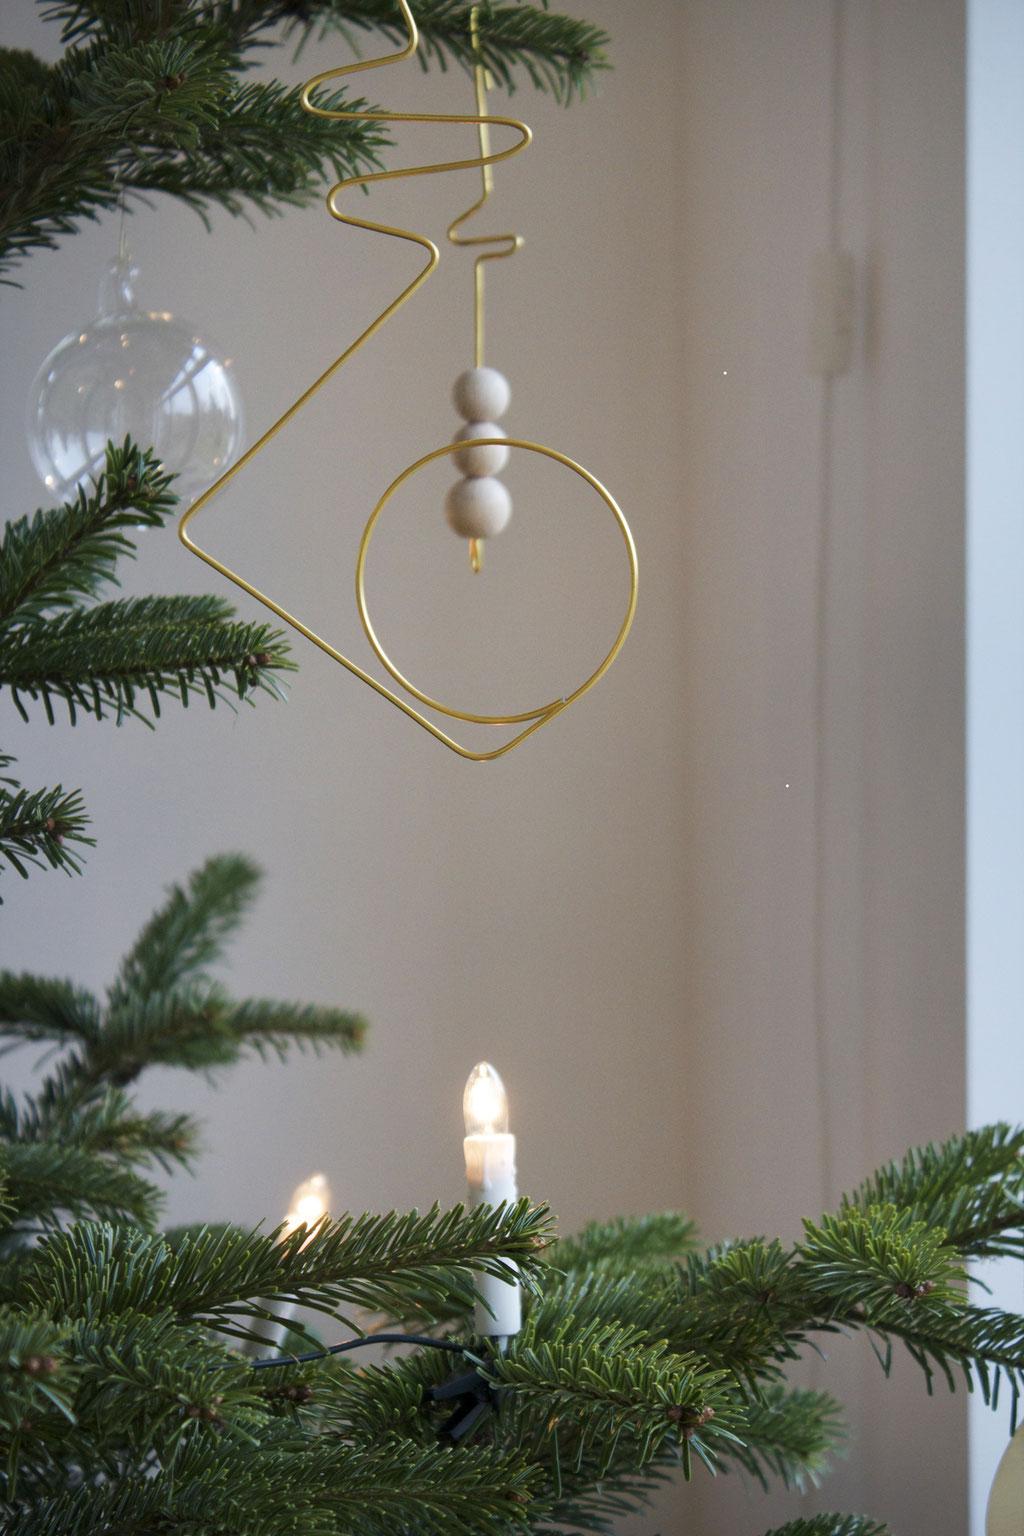 dieartigeBLOG - Weihnachtsbaum-Dekoration mit Gold, Glas- und Holzkugeln